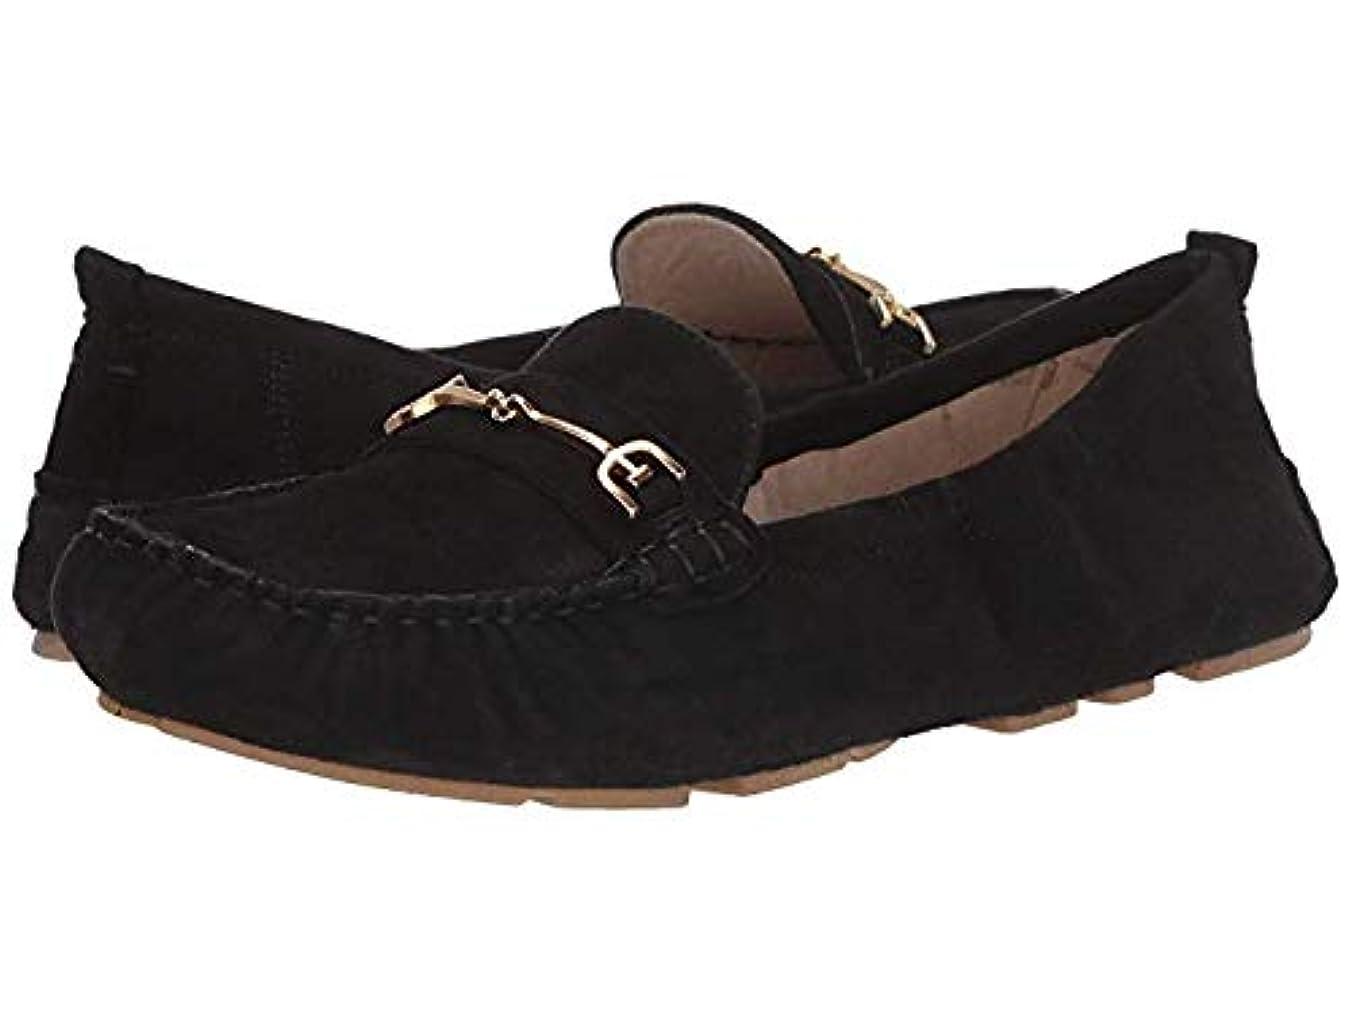 十分です困った権威[Sam Edelman(サムエデルマン)] レディースローファー?靴 Falto Black Kid Suede Leather (23cm) M [並行輸入品]